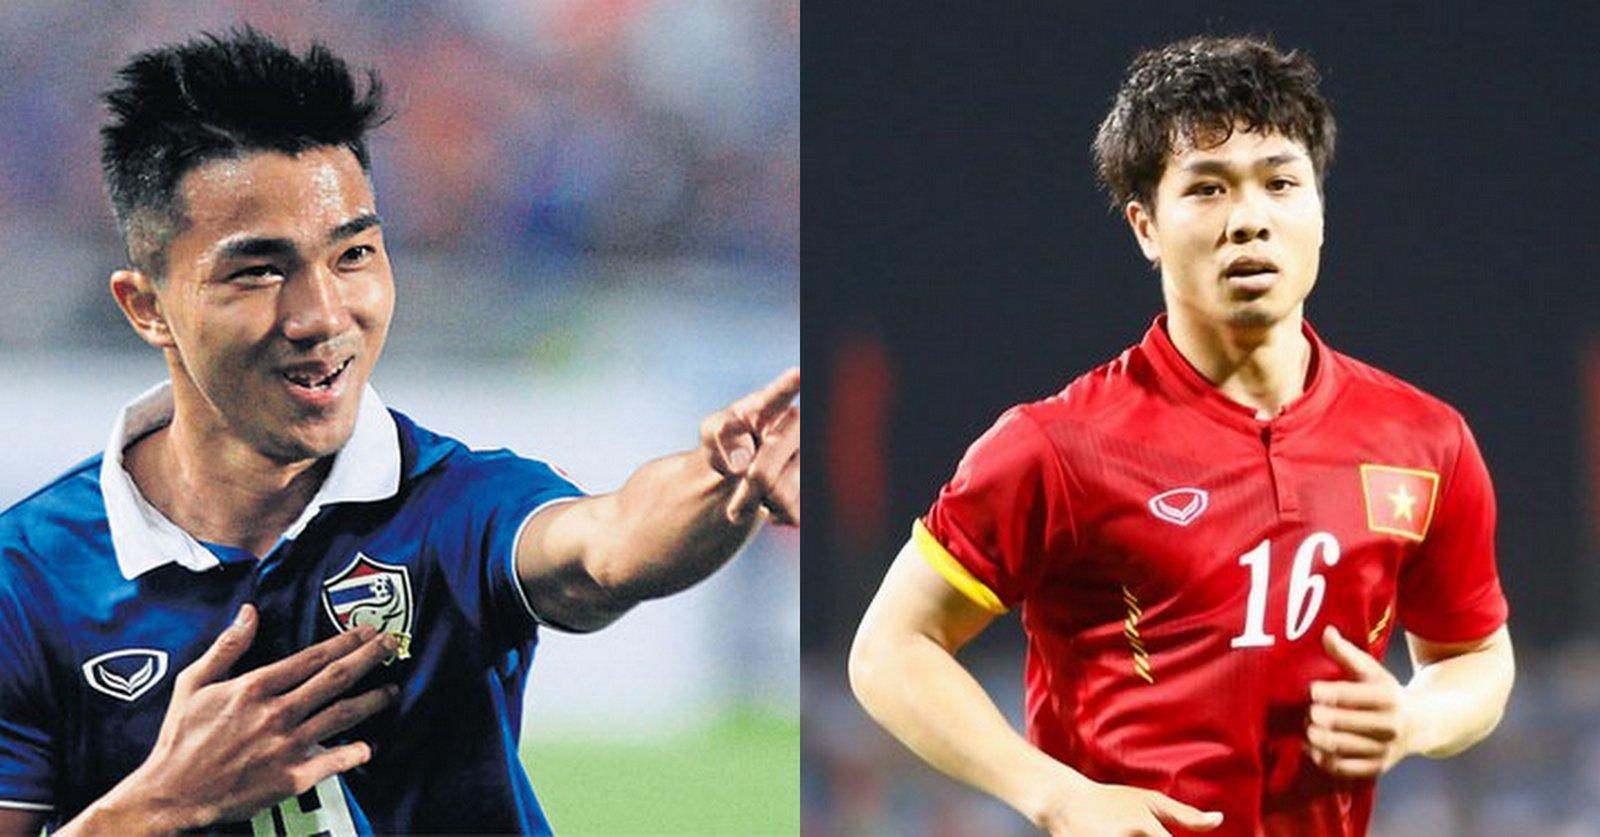 Cầu thủ Việt Nam và Thái Lan được định giá bao nhiêu trên thế giới?